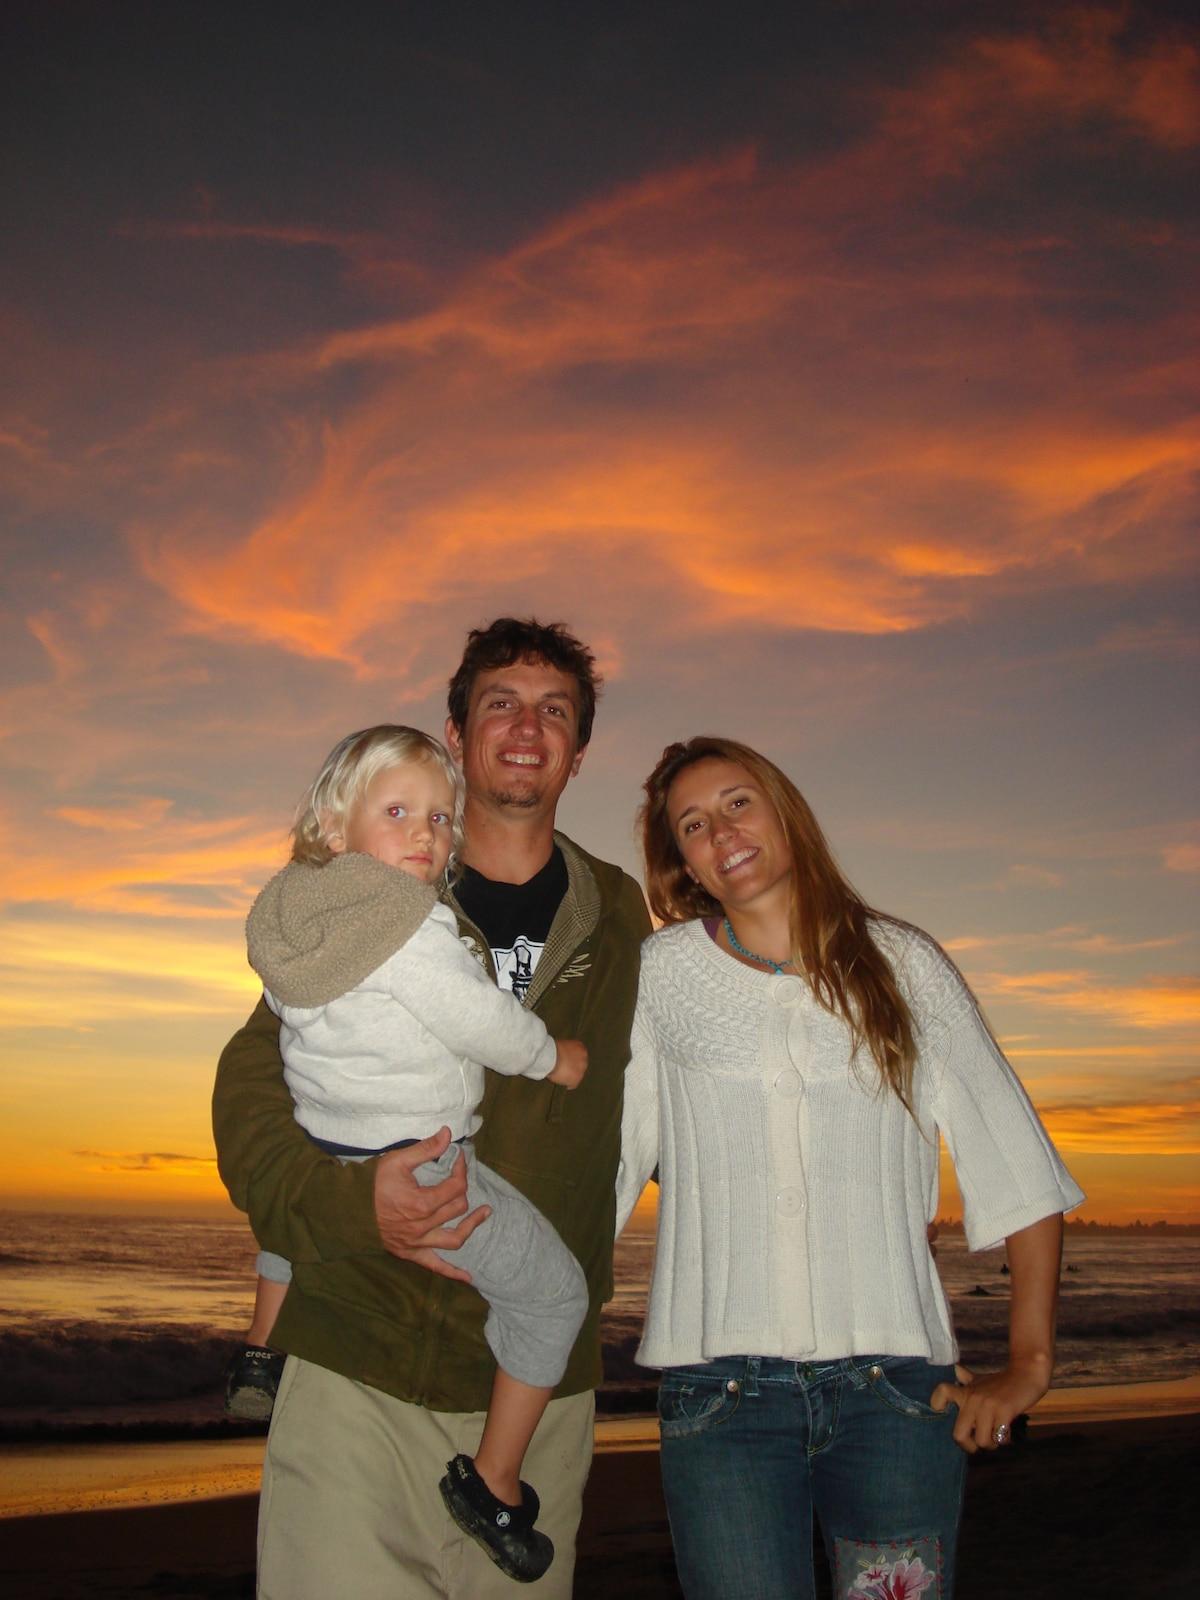 We are educators in Santa Cruz working with disadv